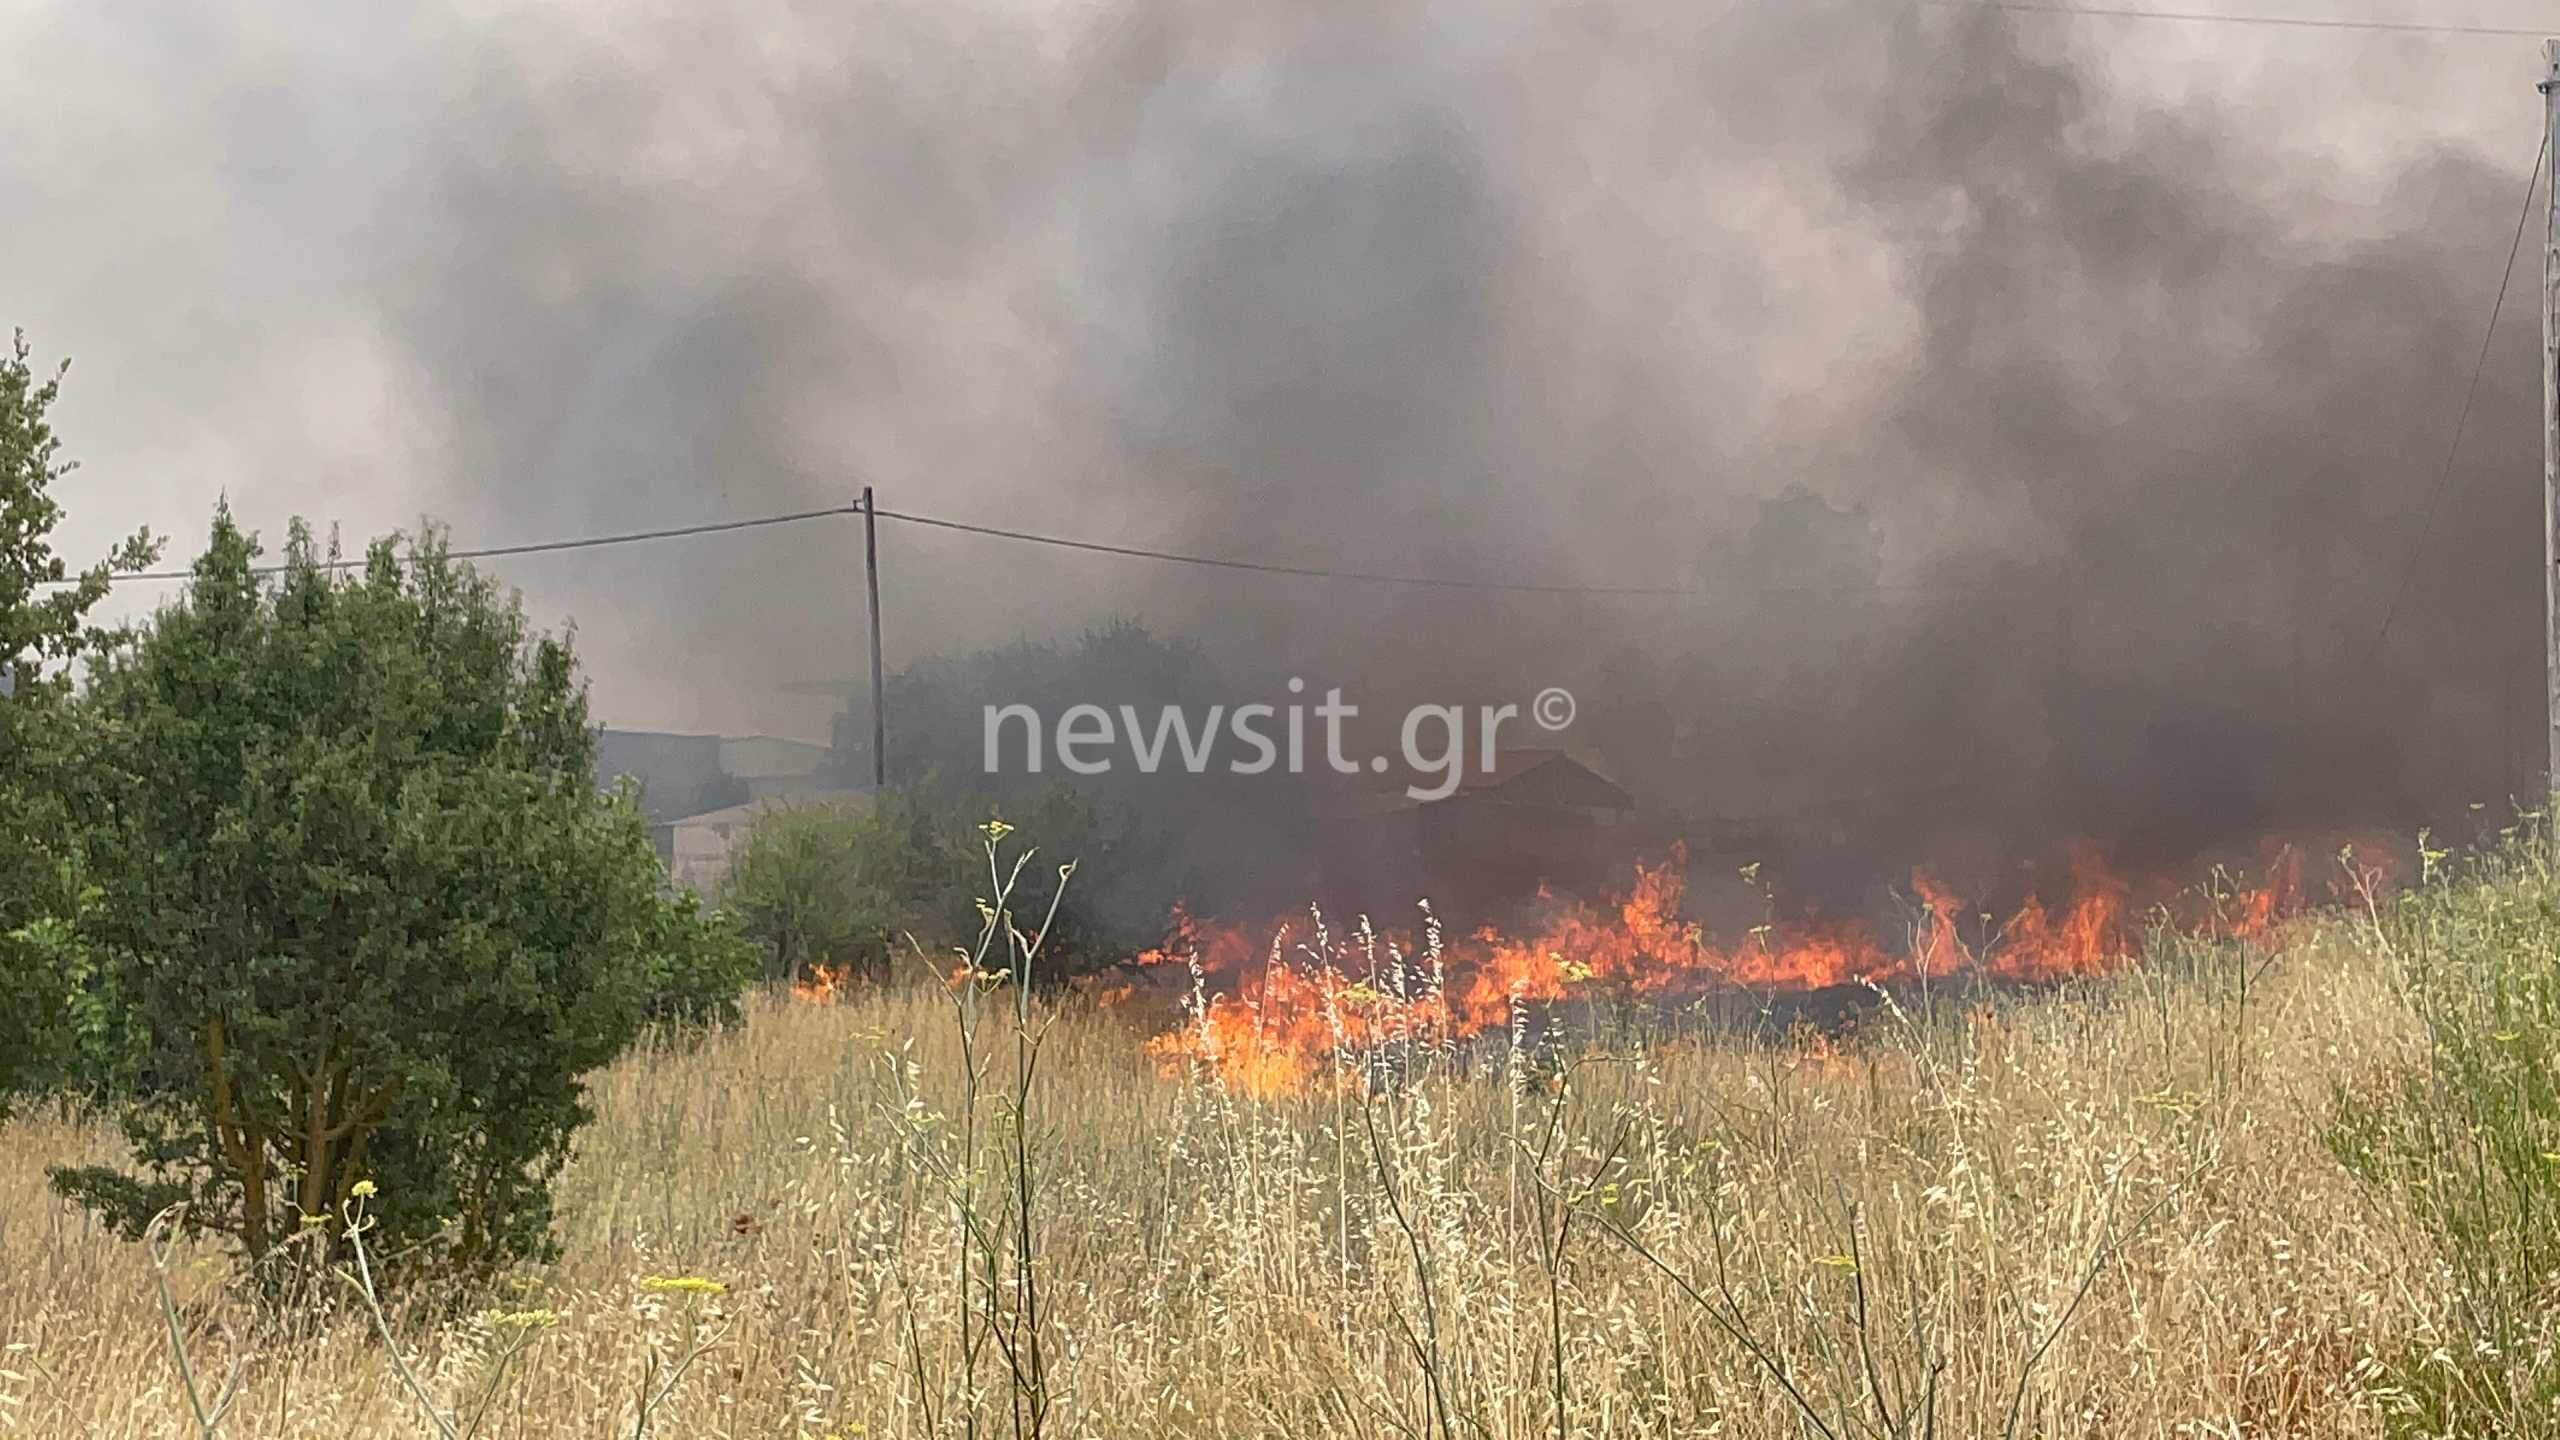 Φωτιά στην Αττική: Μεγάλες αναζωπυρώσεις στις Αφίδνες – Τρομακτικές εικόνες από επιχειρήσεις που καίγονται